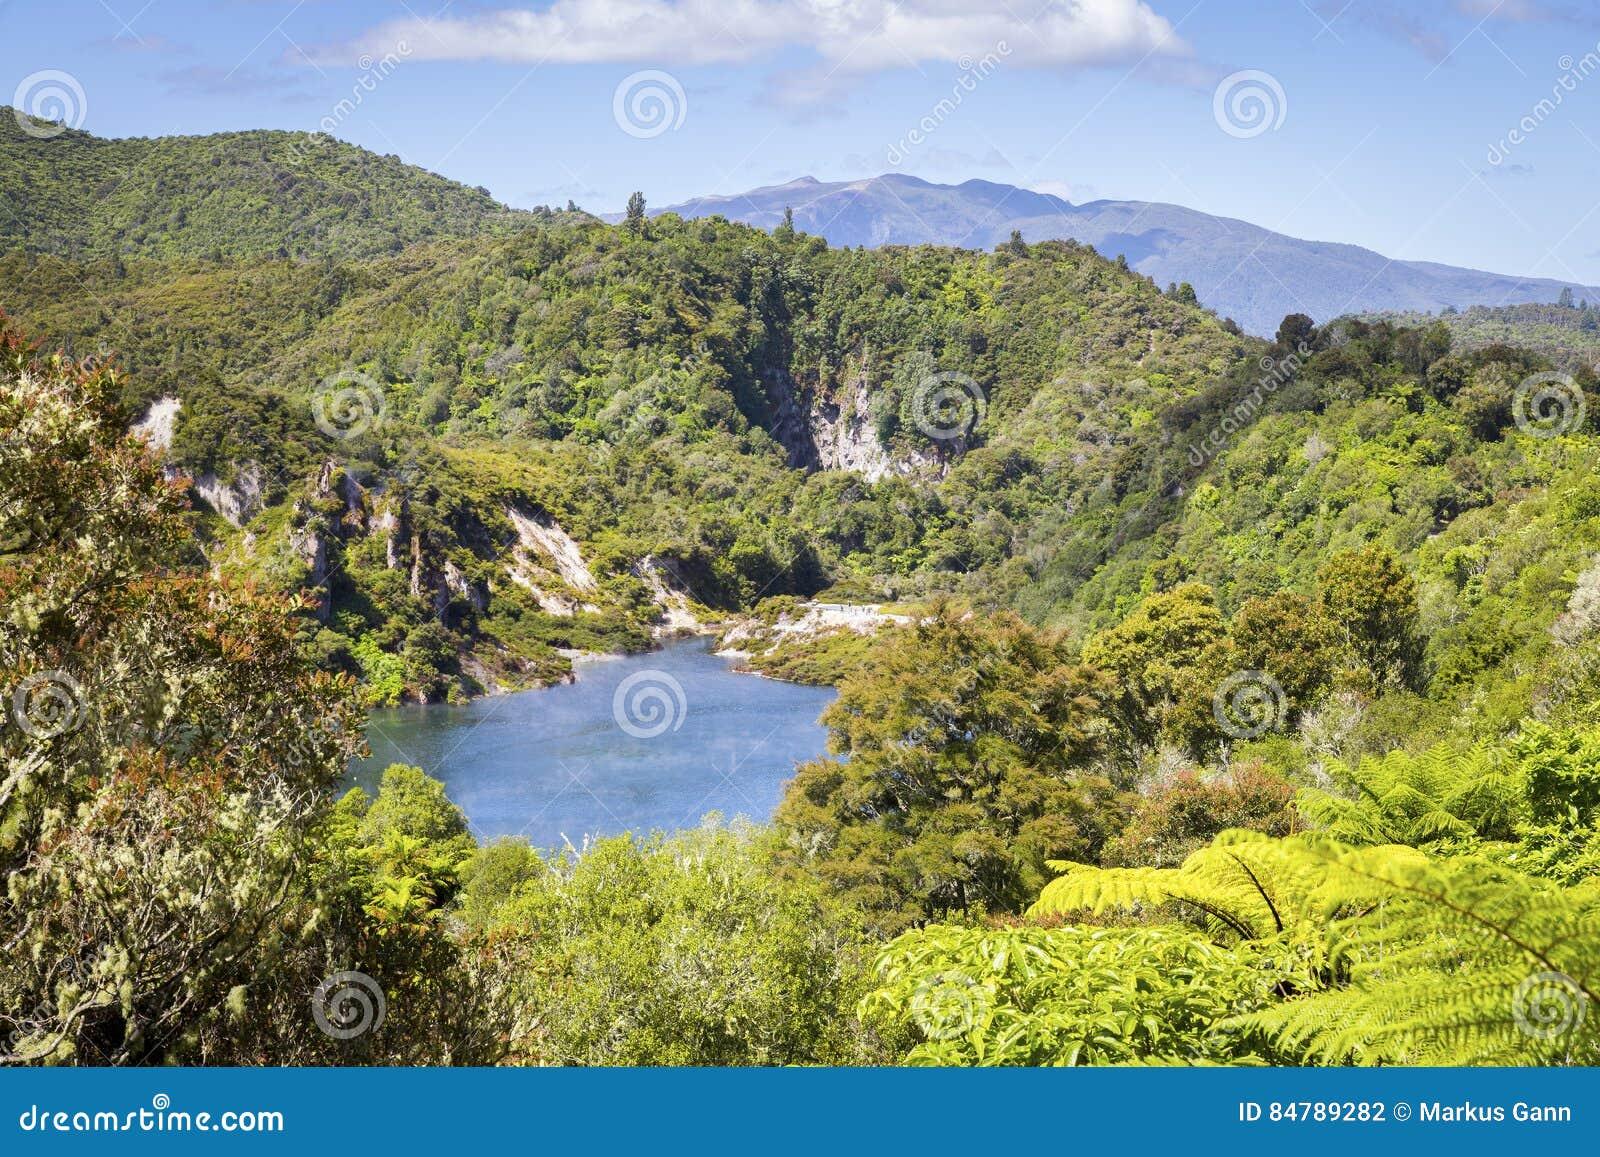 New Zealand Time Image: Volcanic Lake At Waimangu Stock Image